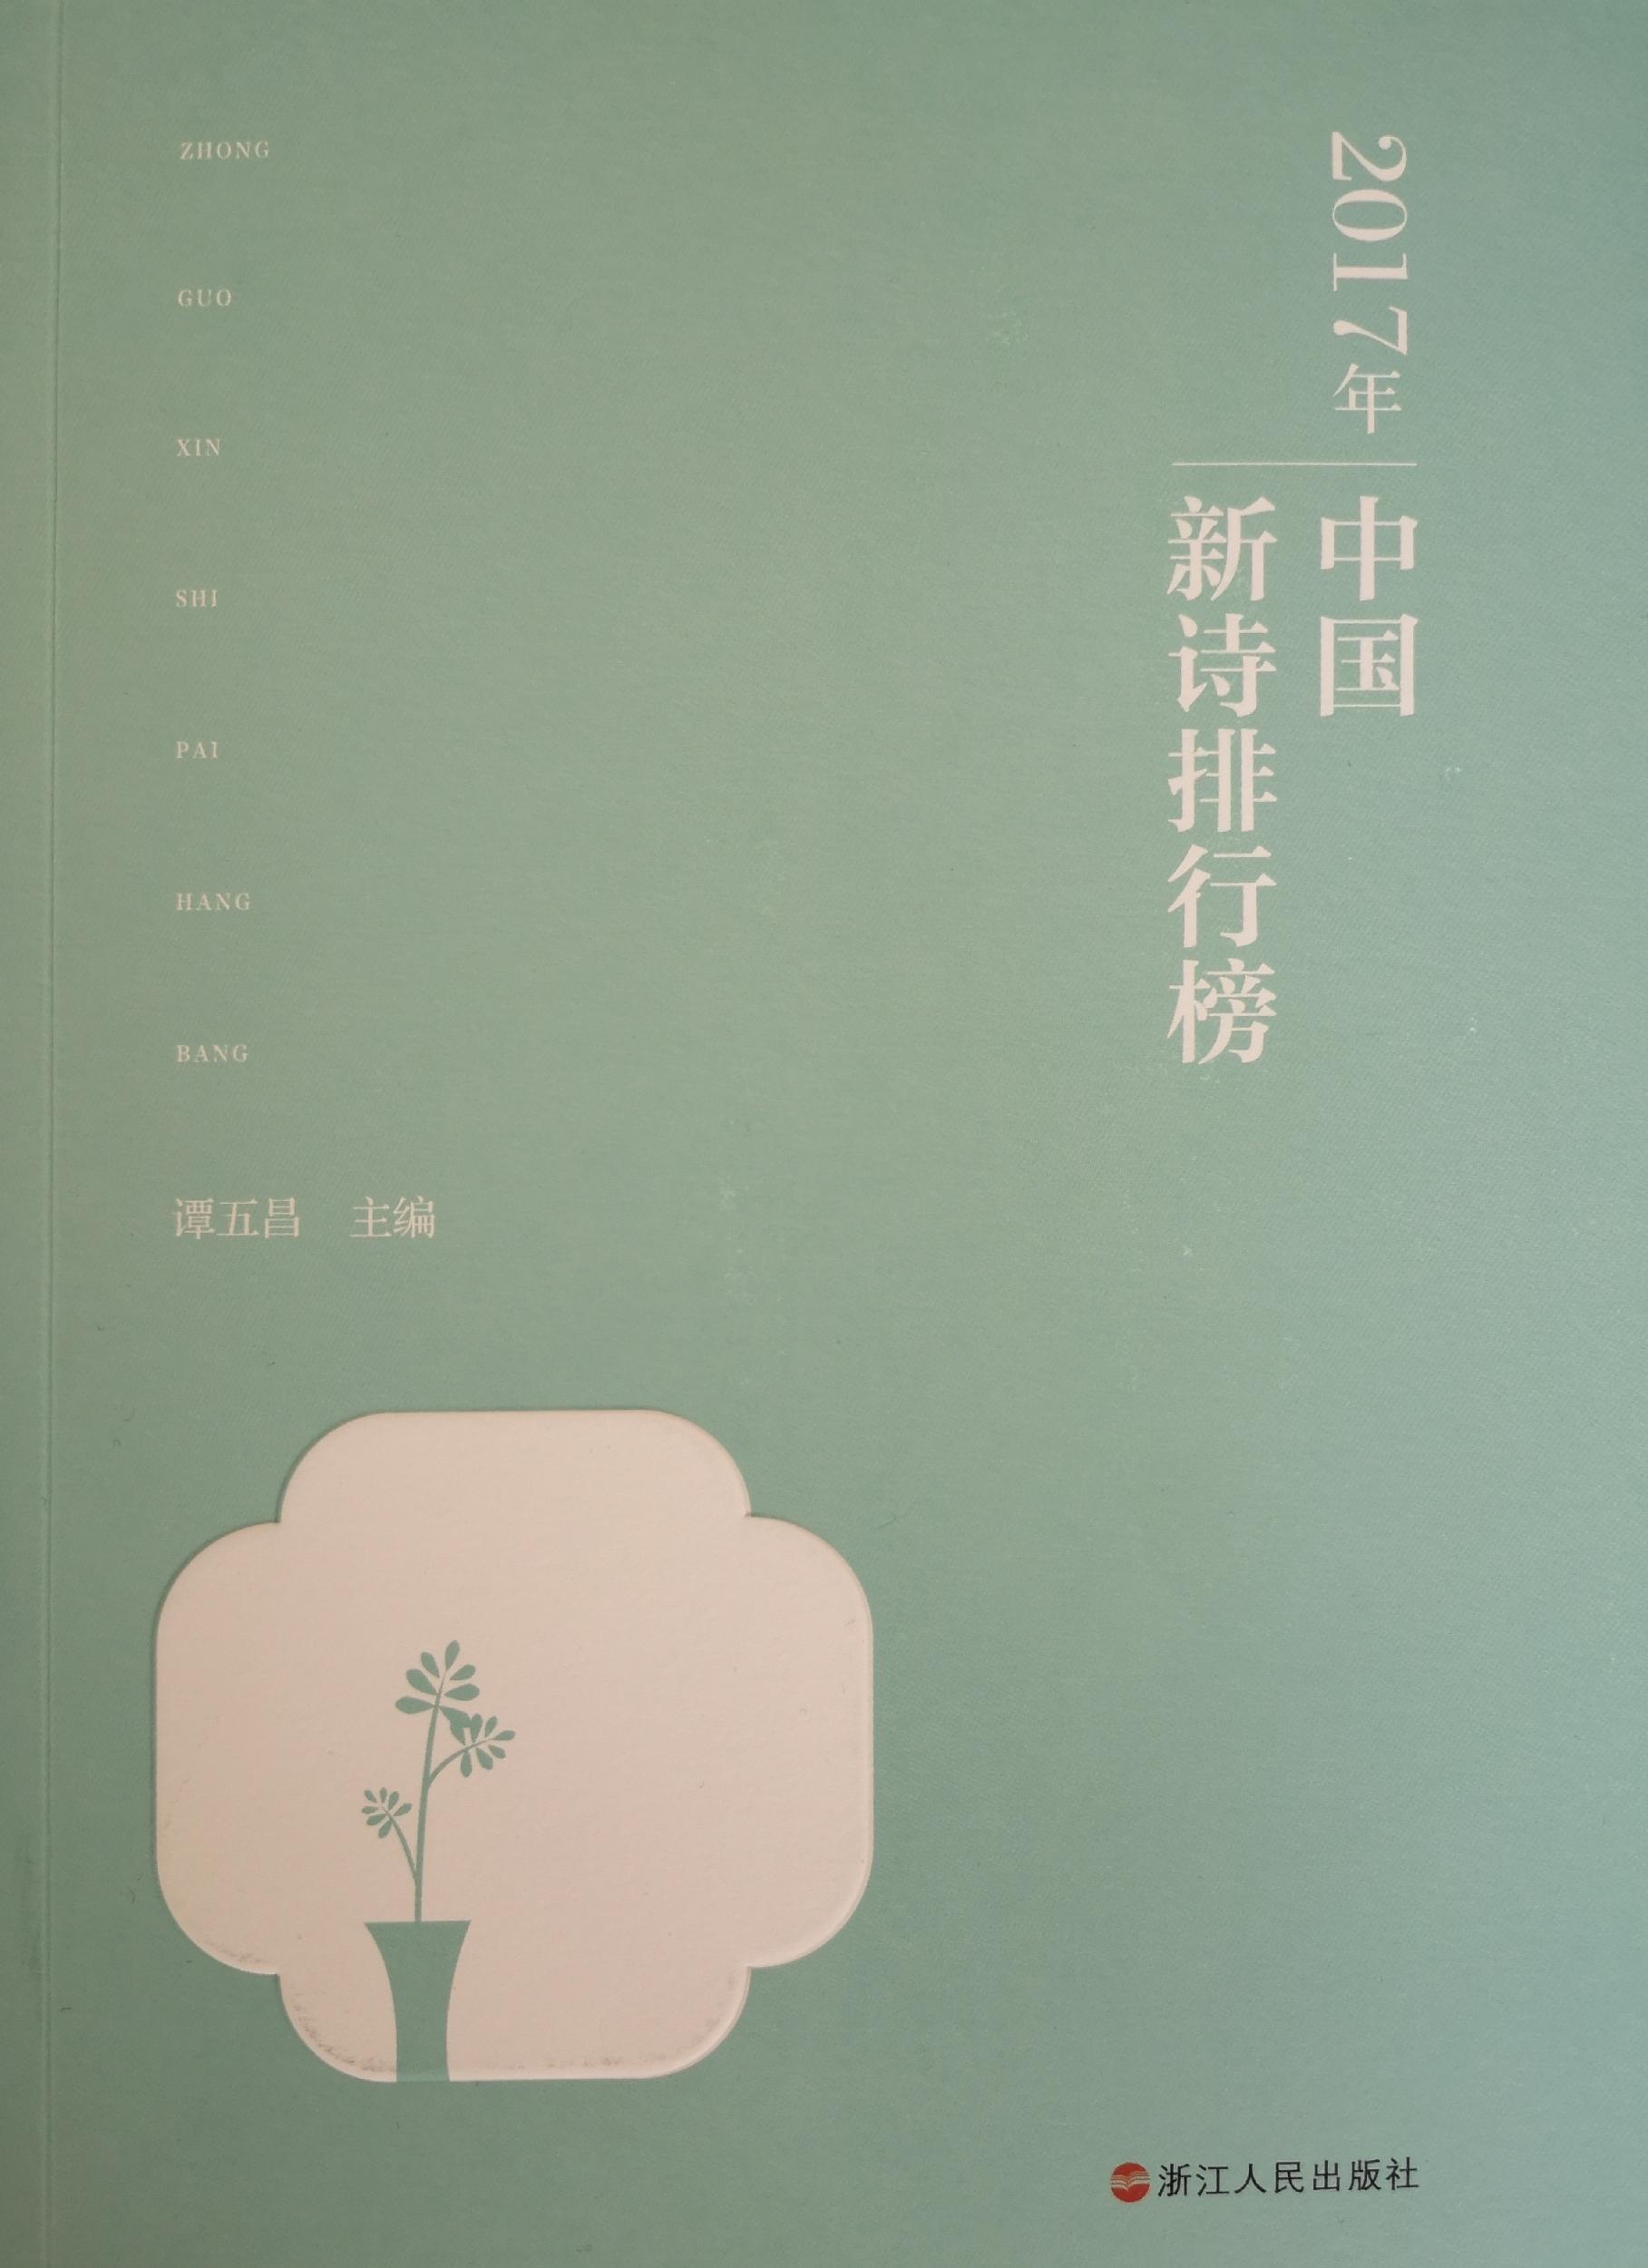 1、《2017年中国新诗排行榜》封面(浙江人民出版社).jpeg